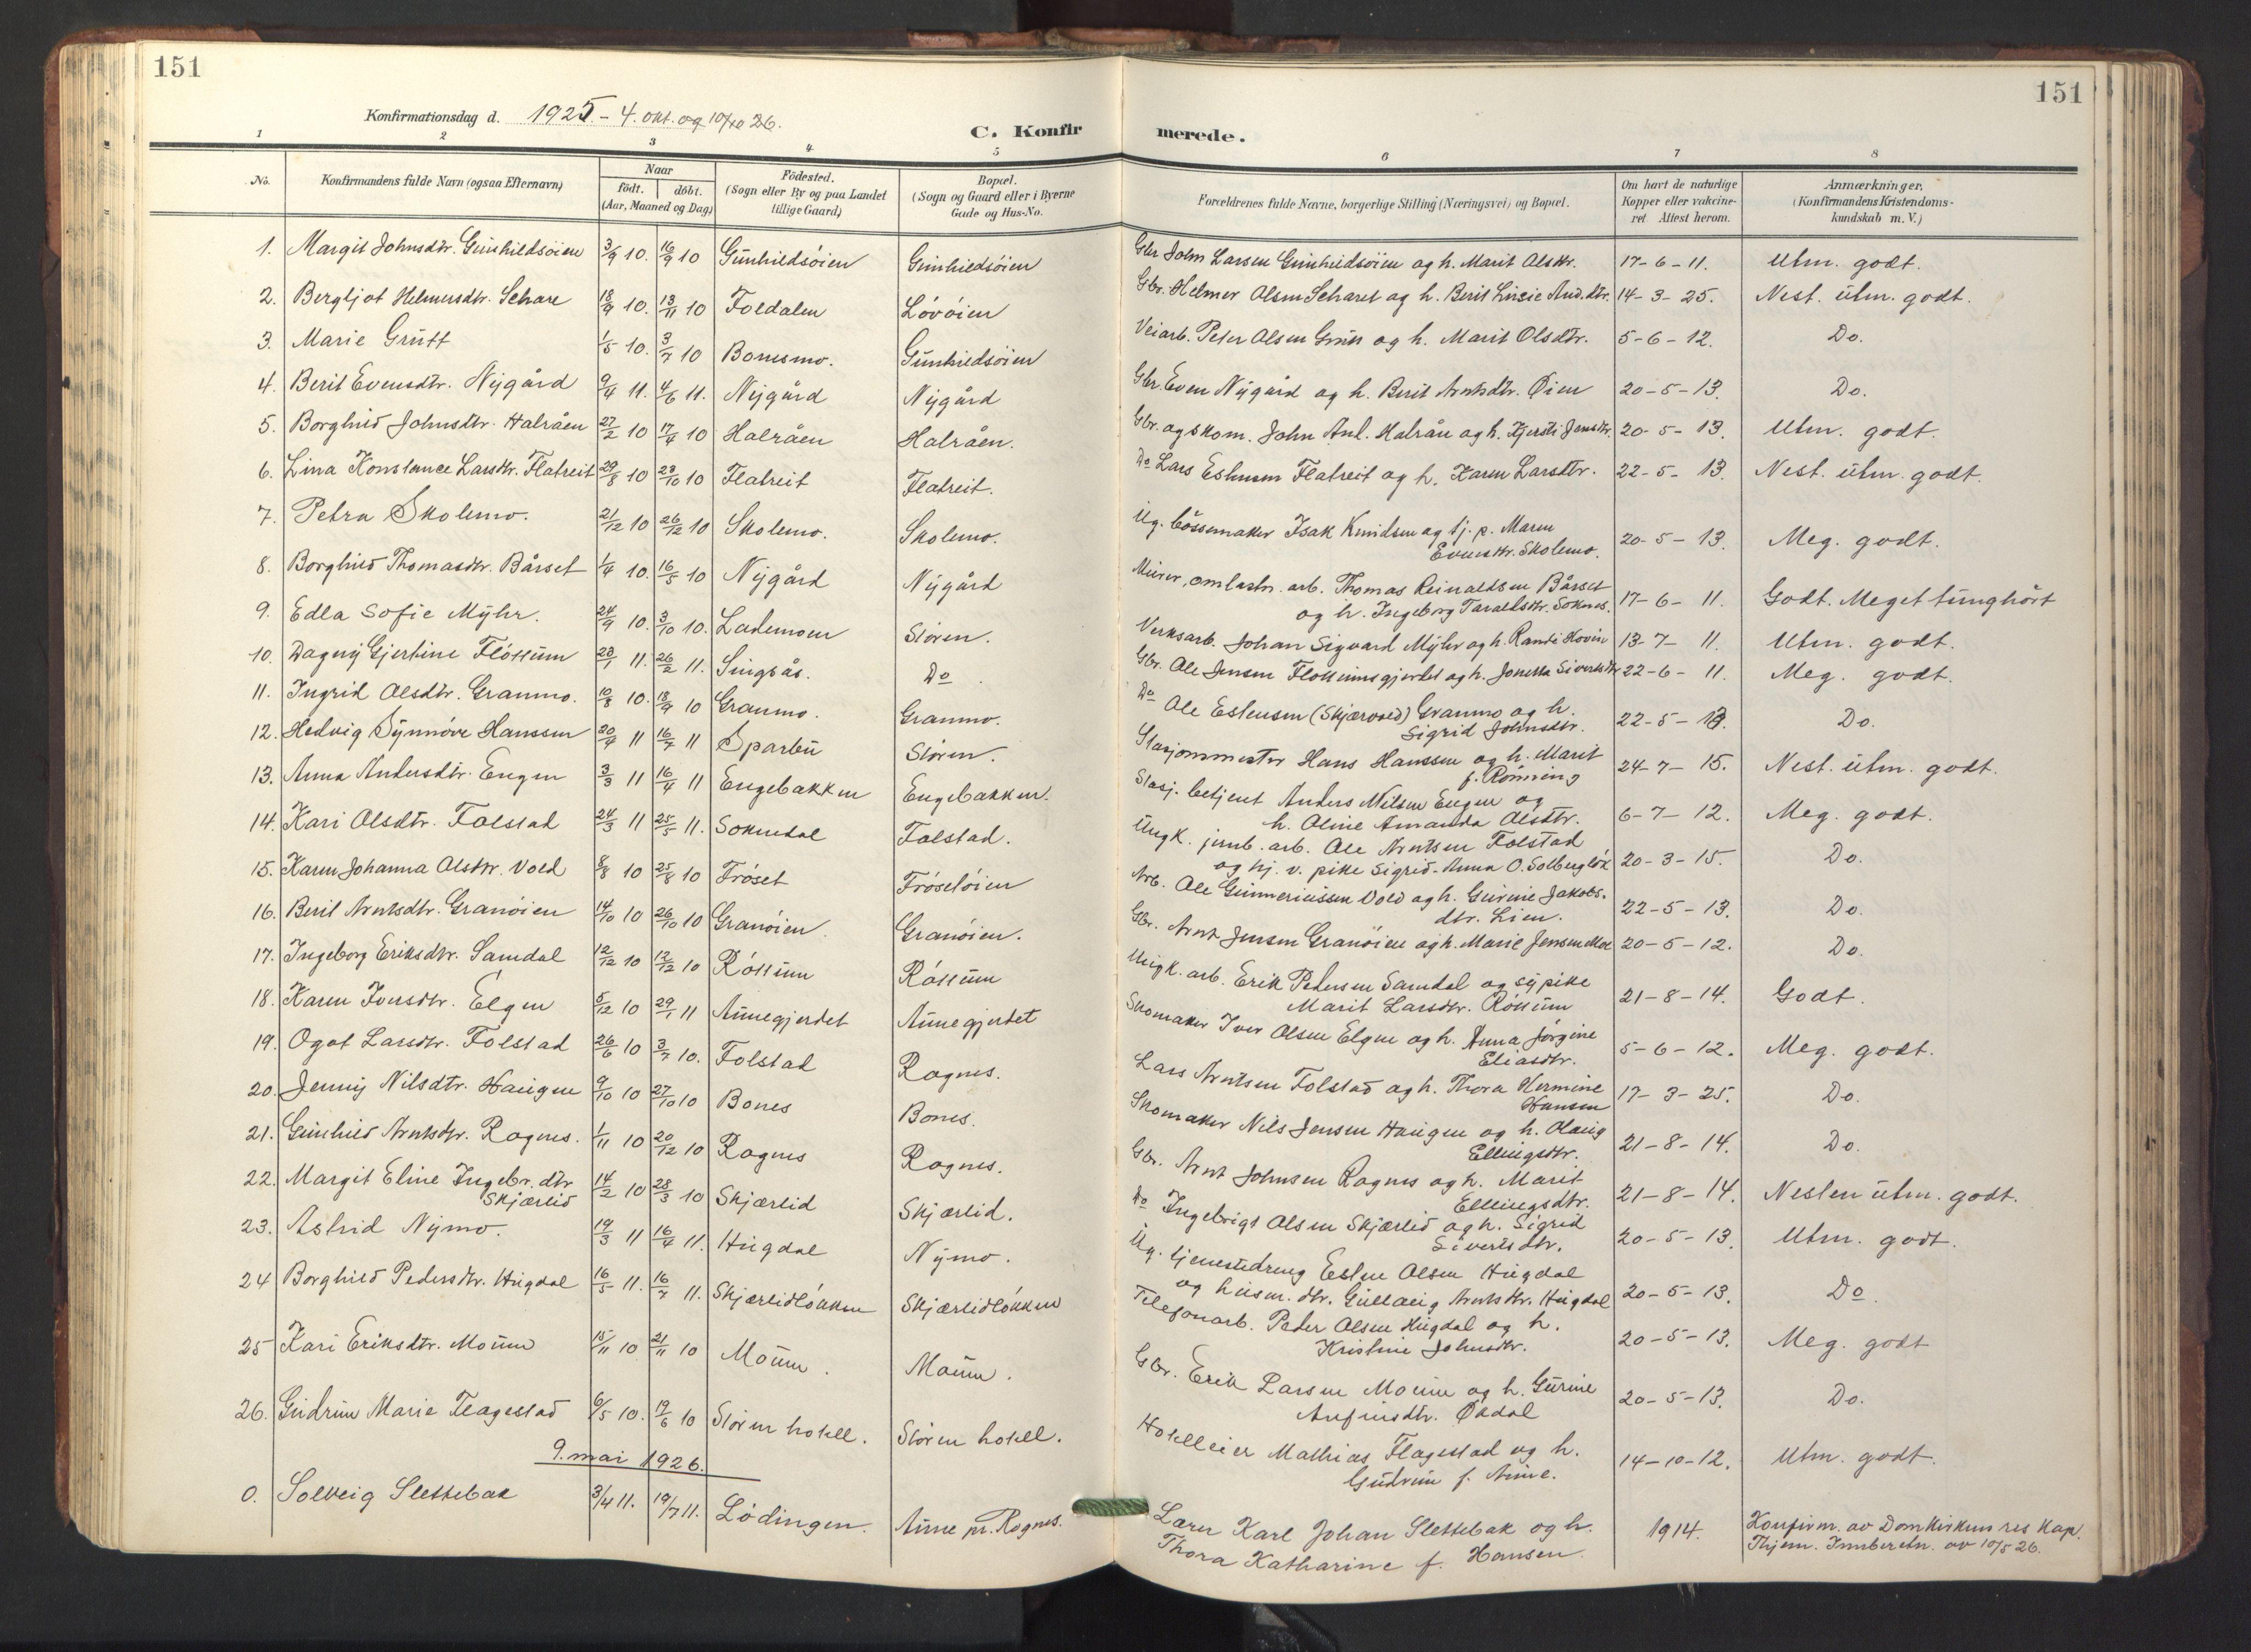 SAT, Ministerialprotokoller, klokkerbøker og fødselsregistre - Sør-Trøndelag, 687/L1019: Klokkerbok nr. 687C03, 1904-1931, s. 151